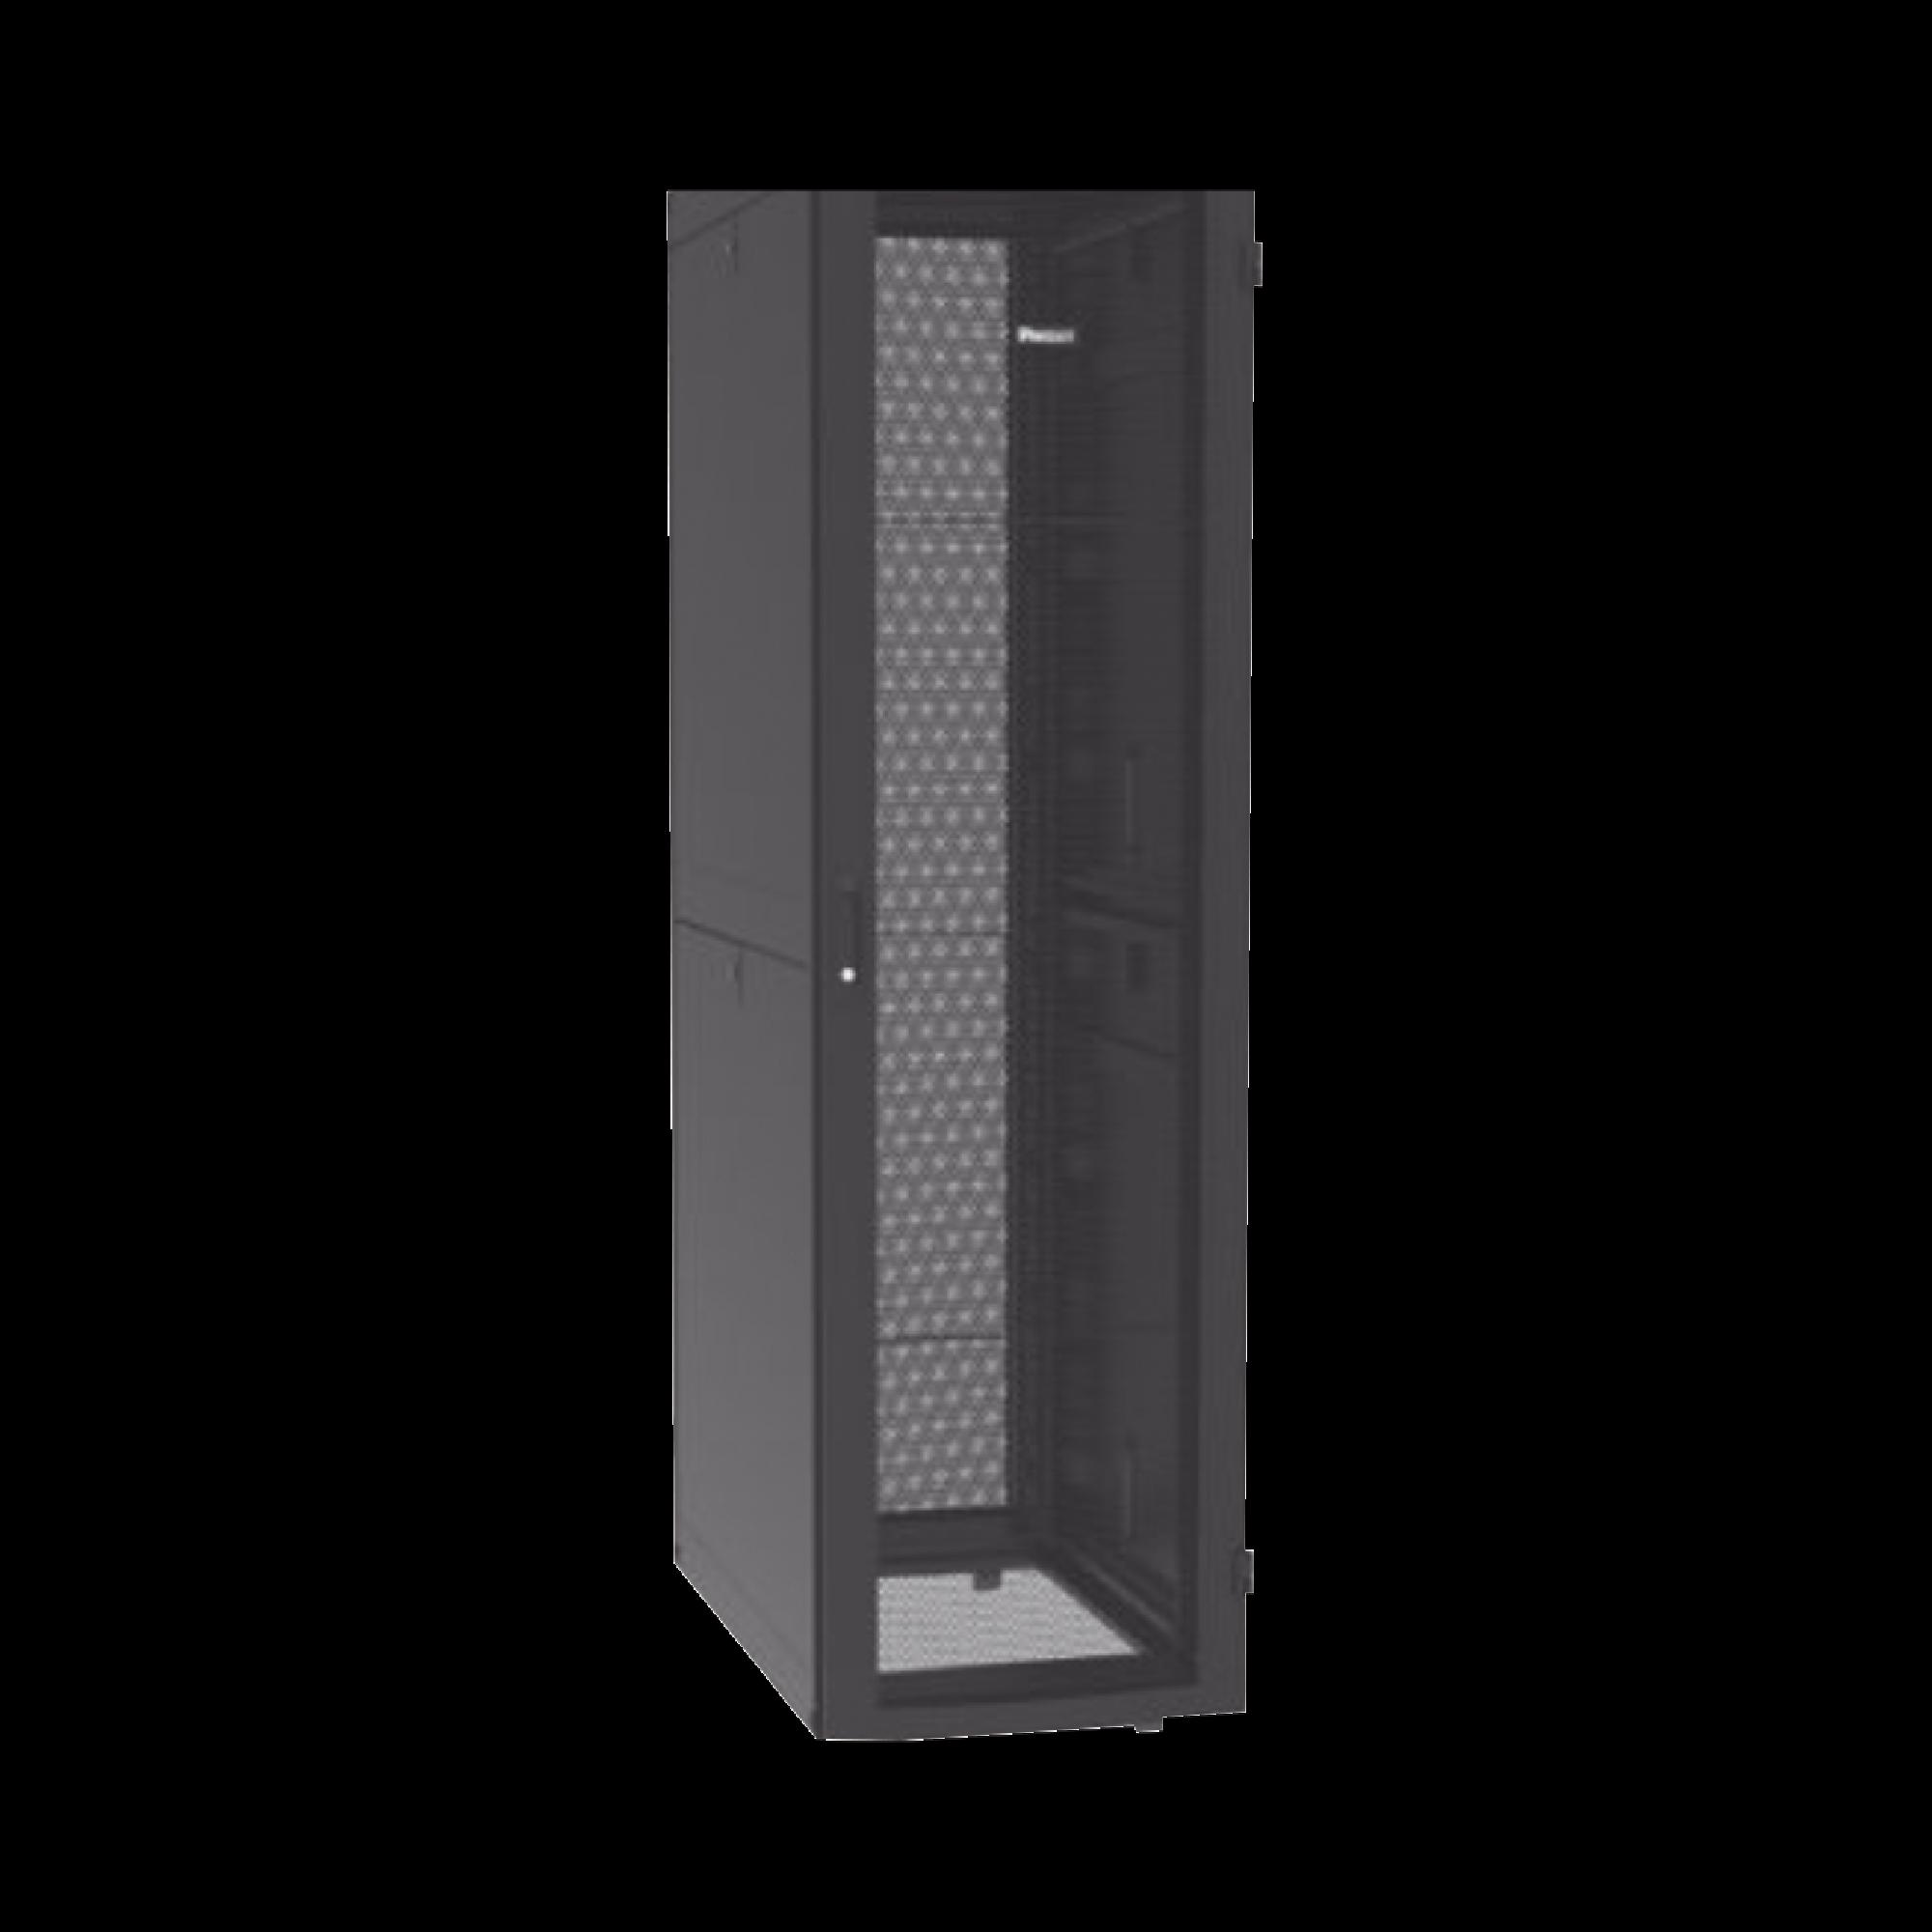 Gabinete Net-Verse para Centros de Datos, 45UR, 600mm de Ancho, 1200mm de Profundidad, Fabricado en Acero, Color Negro